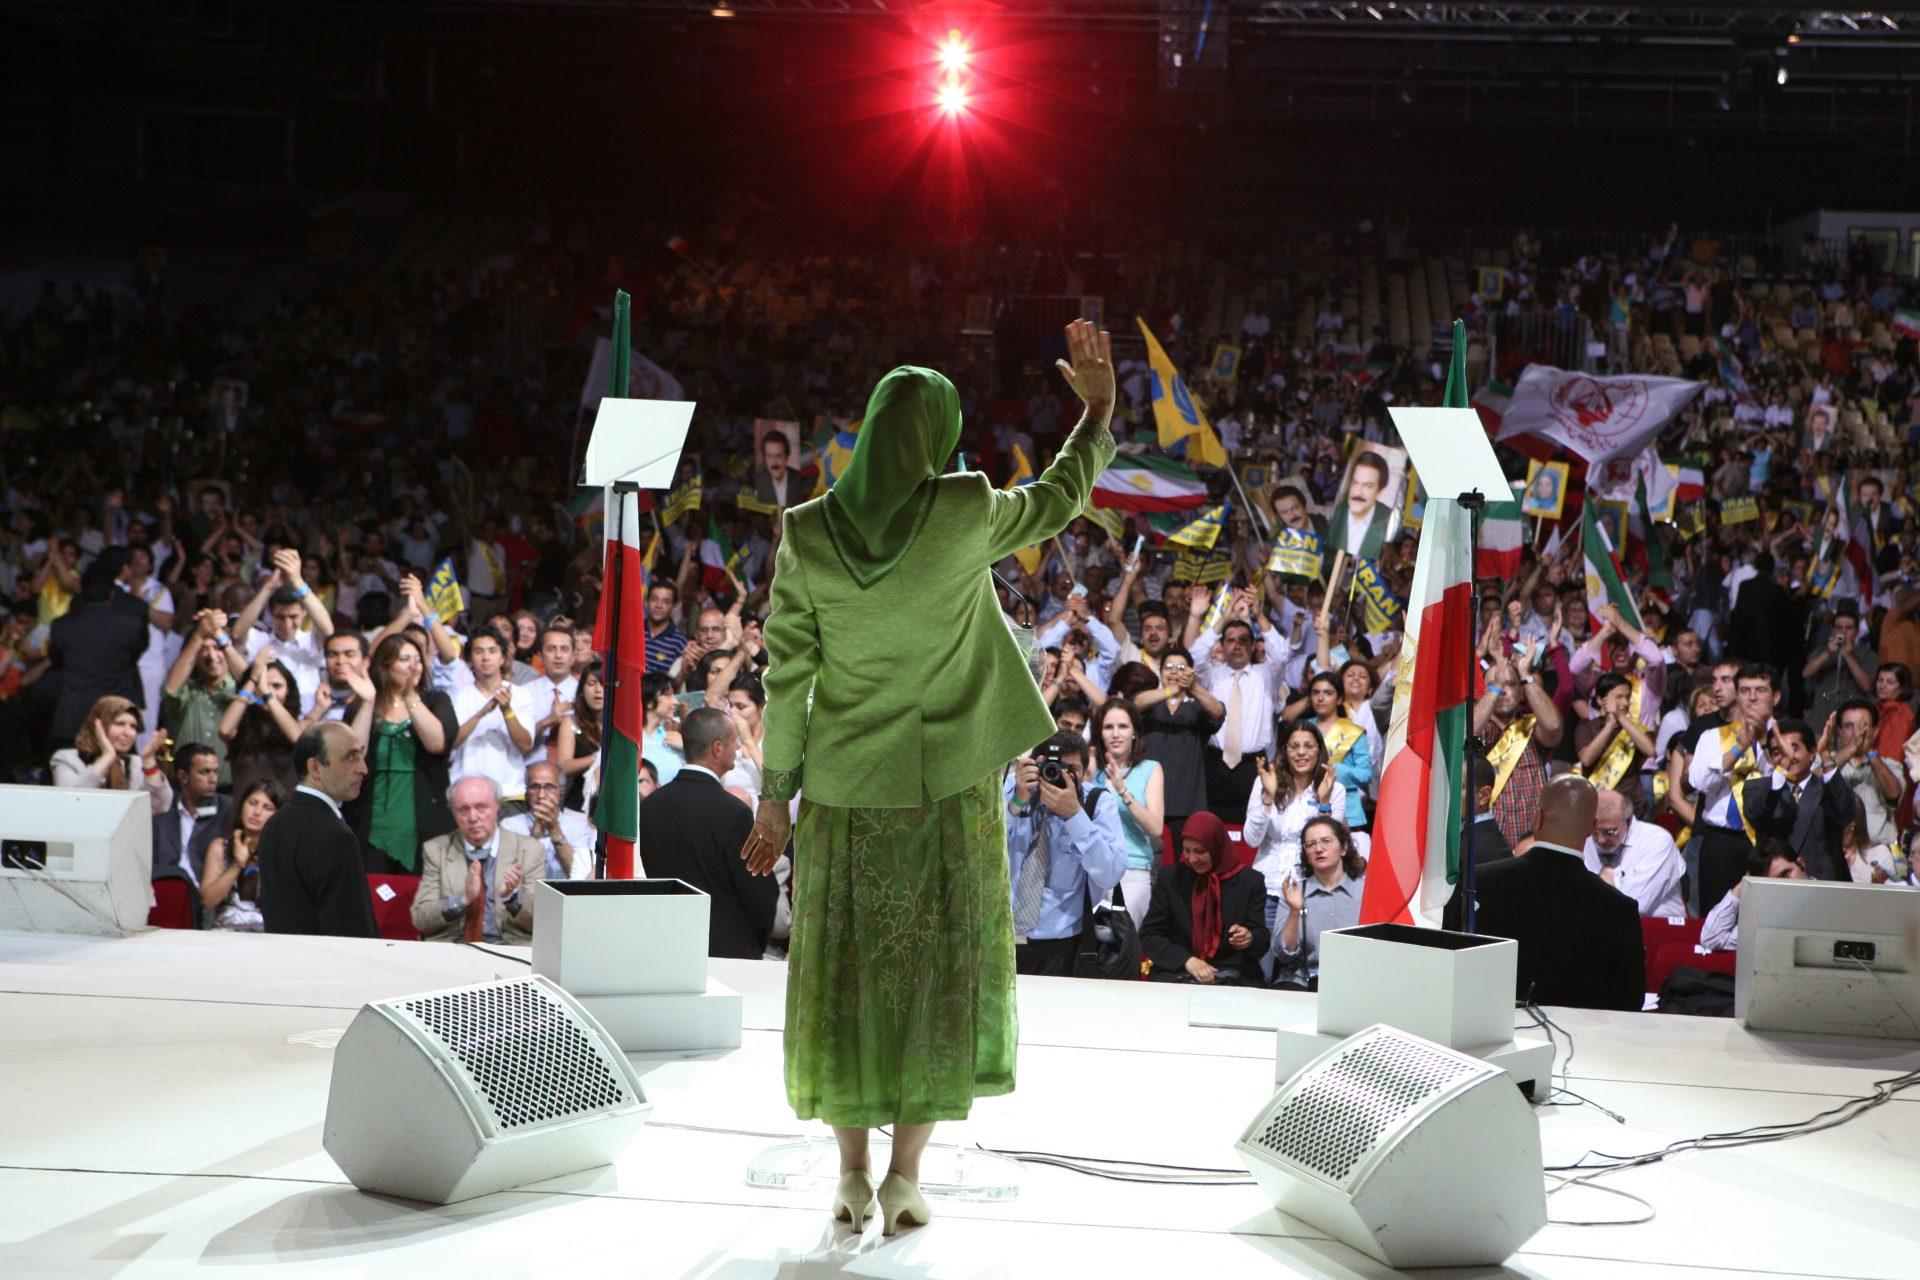 سخنرانی در اجتماع بزرگ ایرانیان - بورژه ـ پاریس